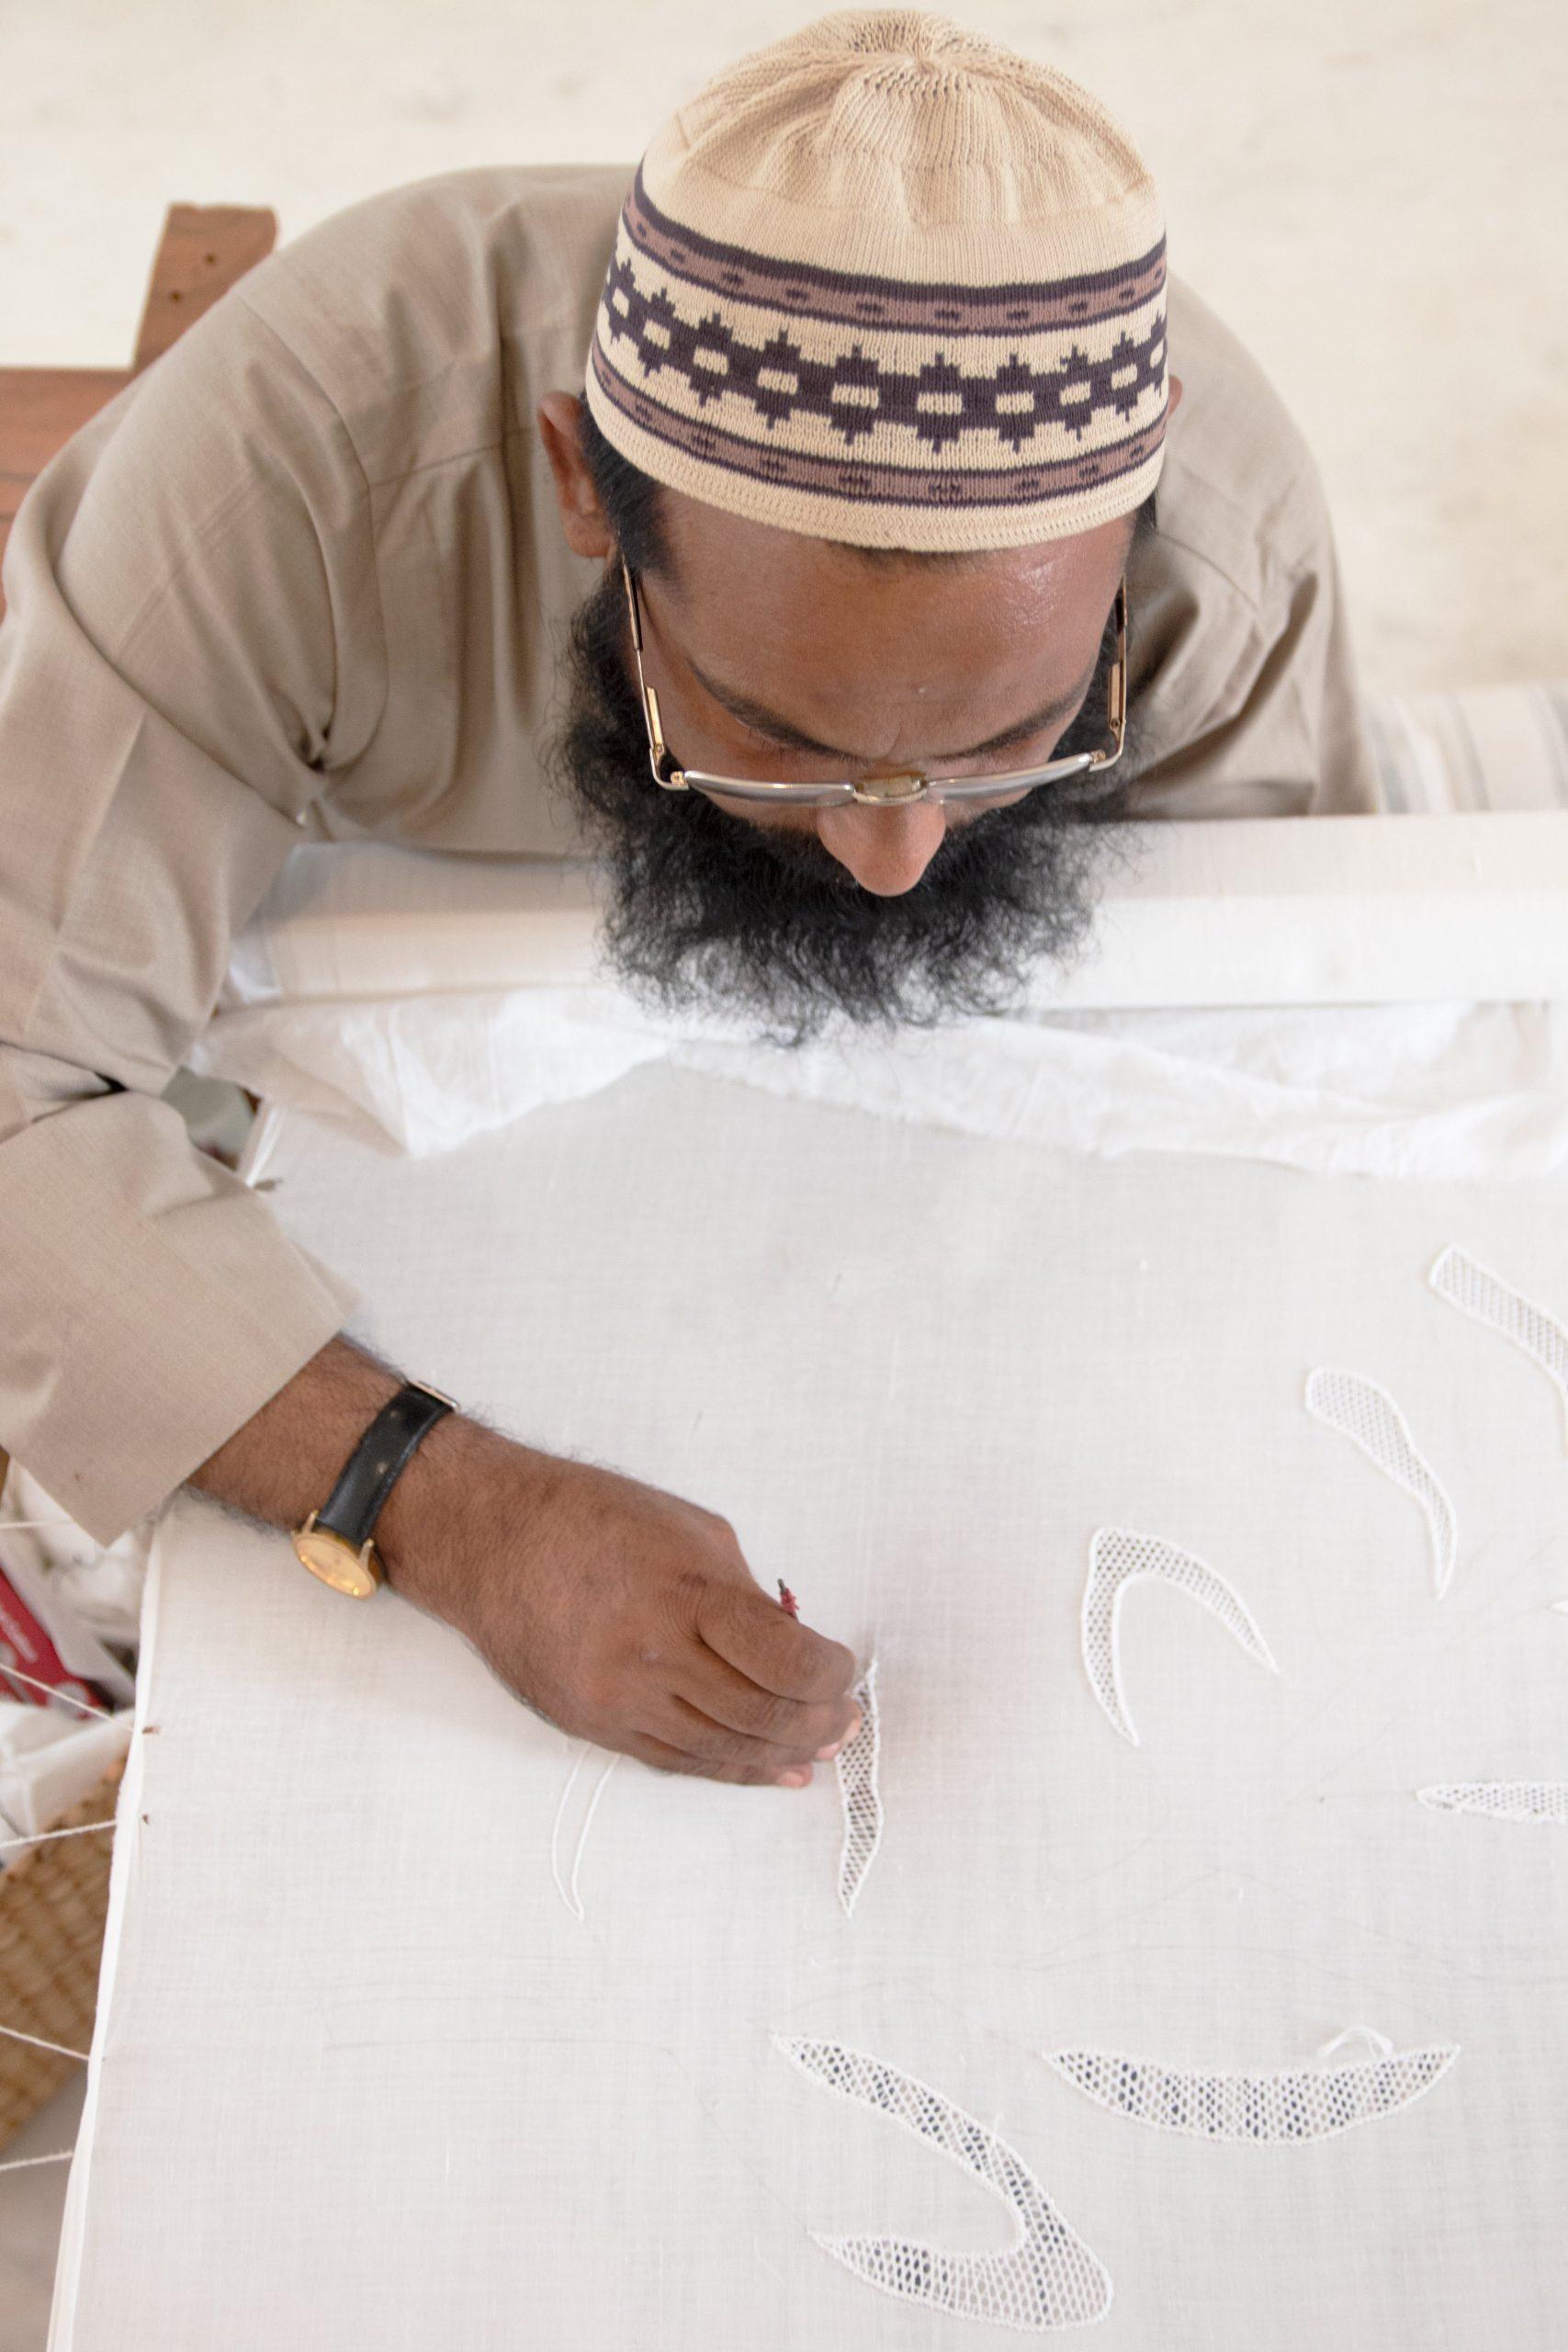 Masroor Ali- master embroiderer at Nila Studio_Image courtesy Nila House Jaipur